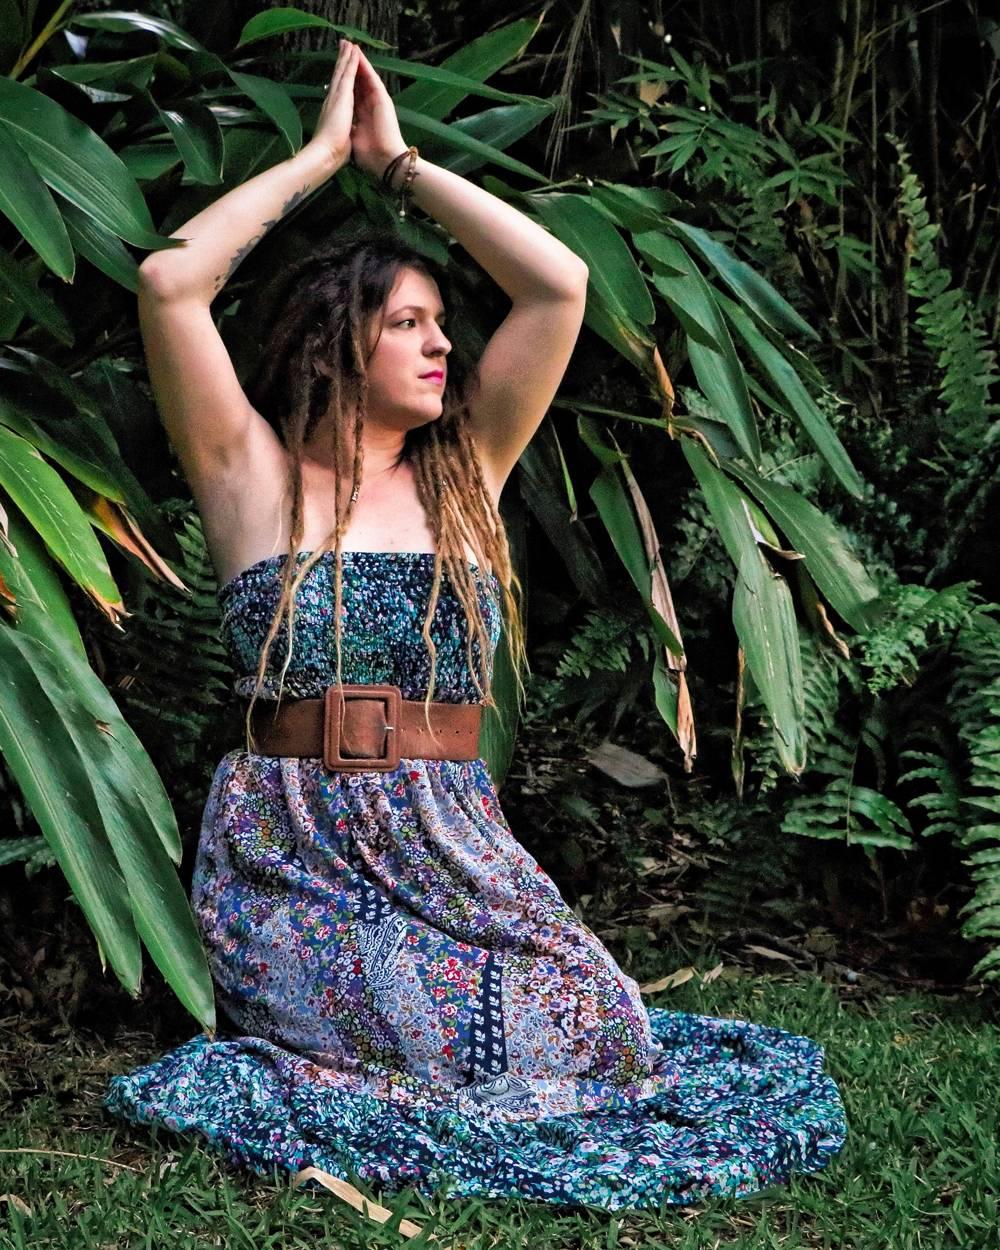 Girl in garden, yoga pose, with dreadlocks